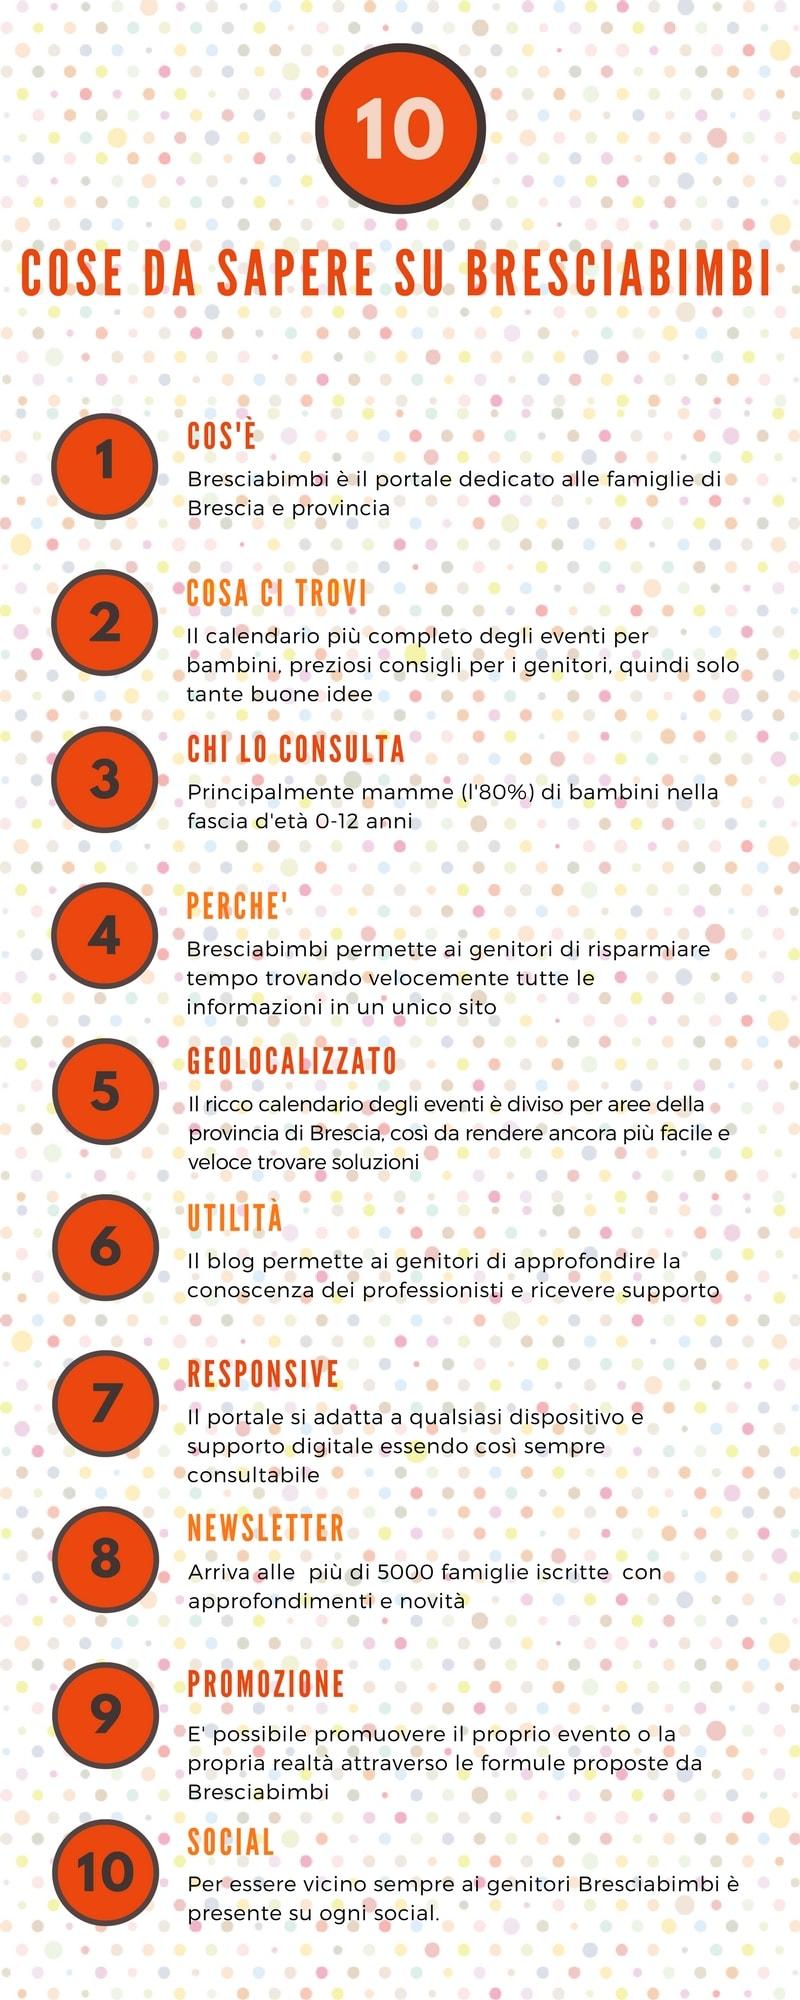 10 cose da sapere bresciabimbi-2017-